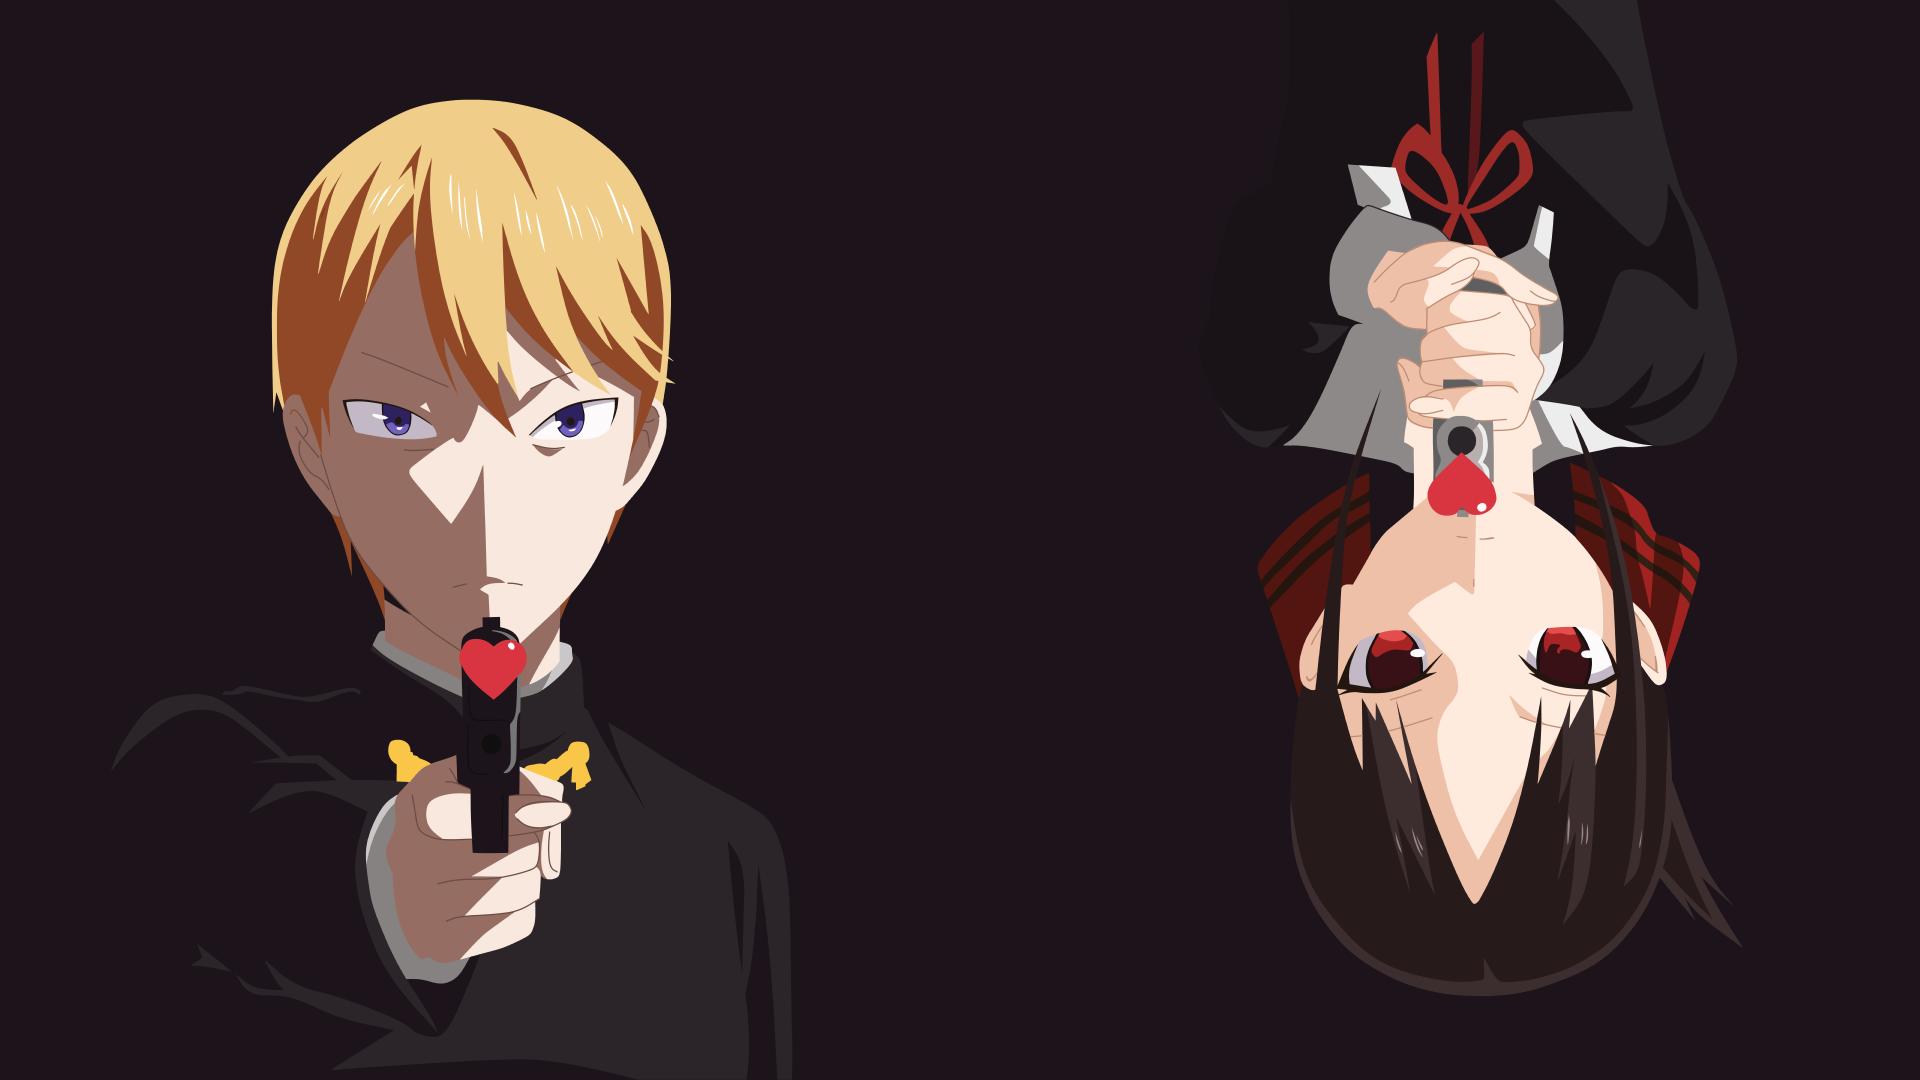 Anime 1920x1080 Kaguya-Sama: Love is War Kaguya Shinomiya anime girls anime gun anime boys Shirogane Miyuki